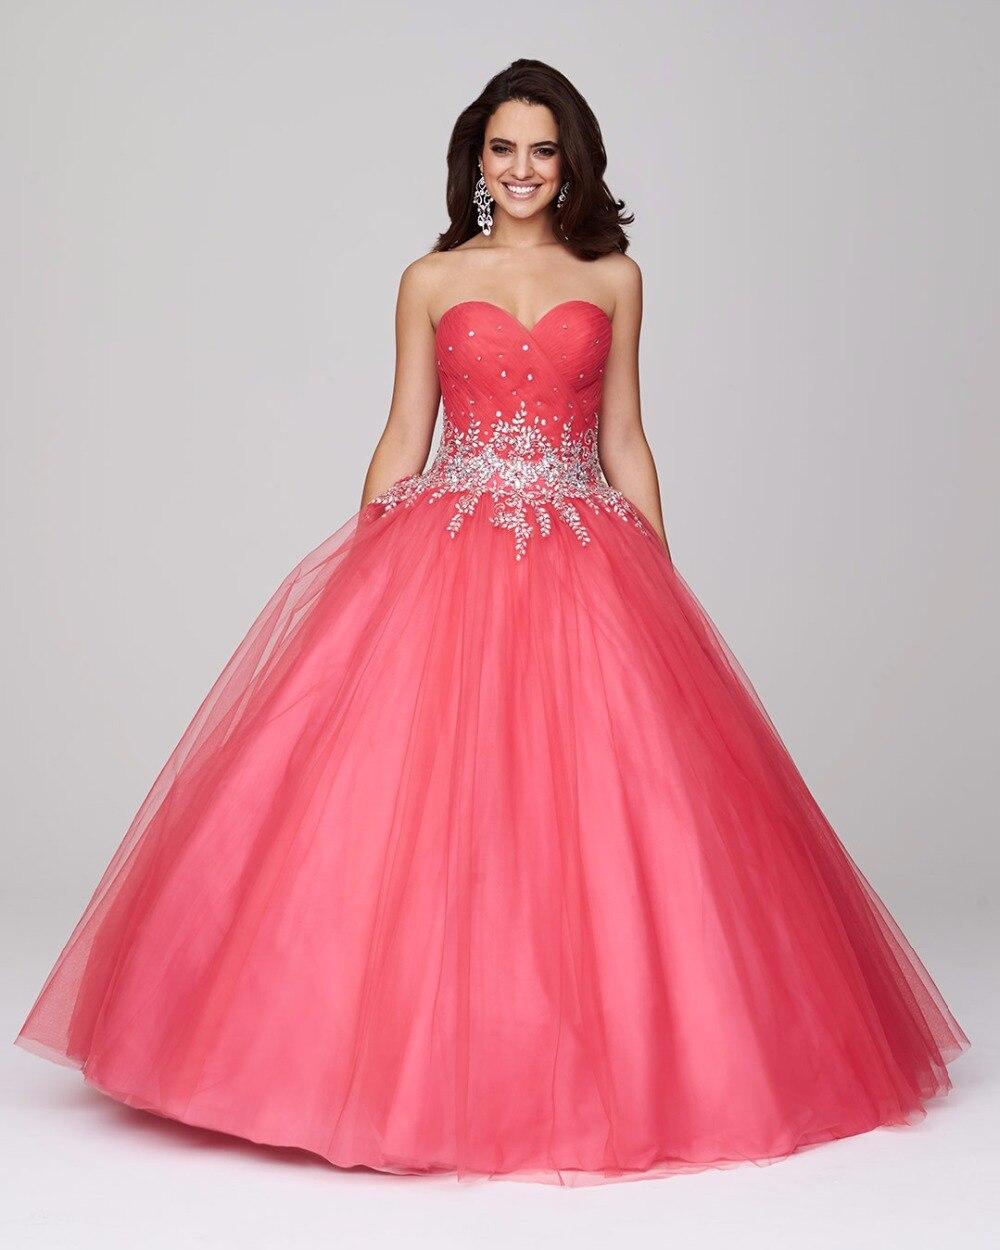 Increíble Vestidos De Color Turquesa Para Prom Colección - Colección ...